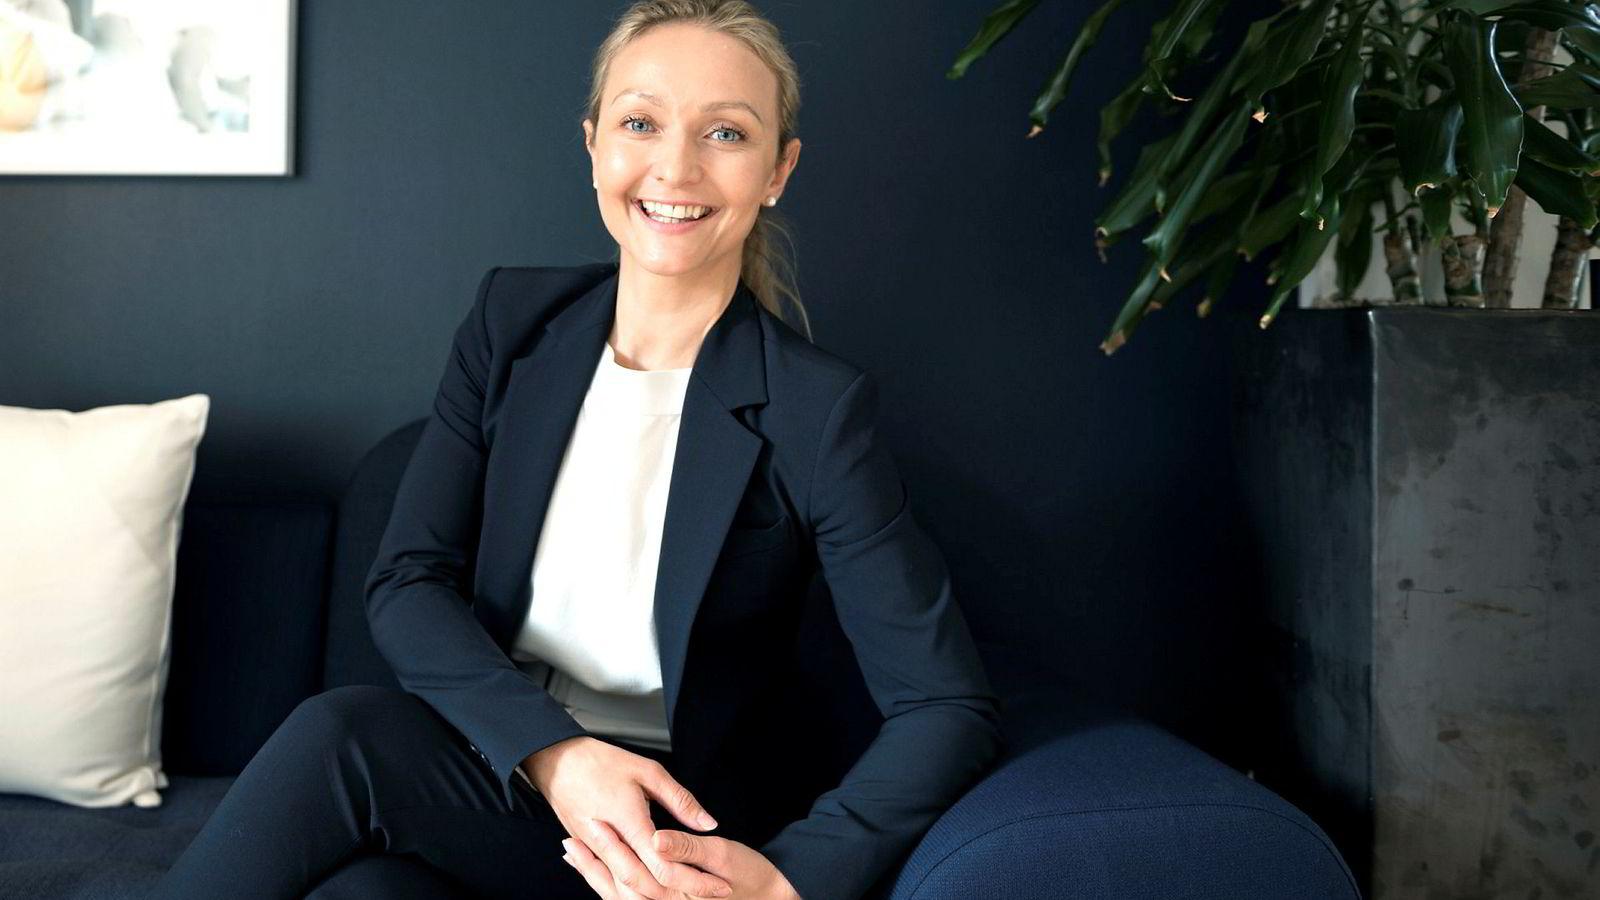 Vi ønsker oss flere norske venturemiljøer og vi arbeider aktivt med å bringe frem nye, slik som Hadean Capital med legen Ingrid Teigland Akay i spissen.